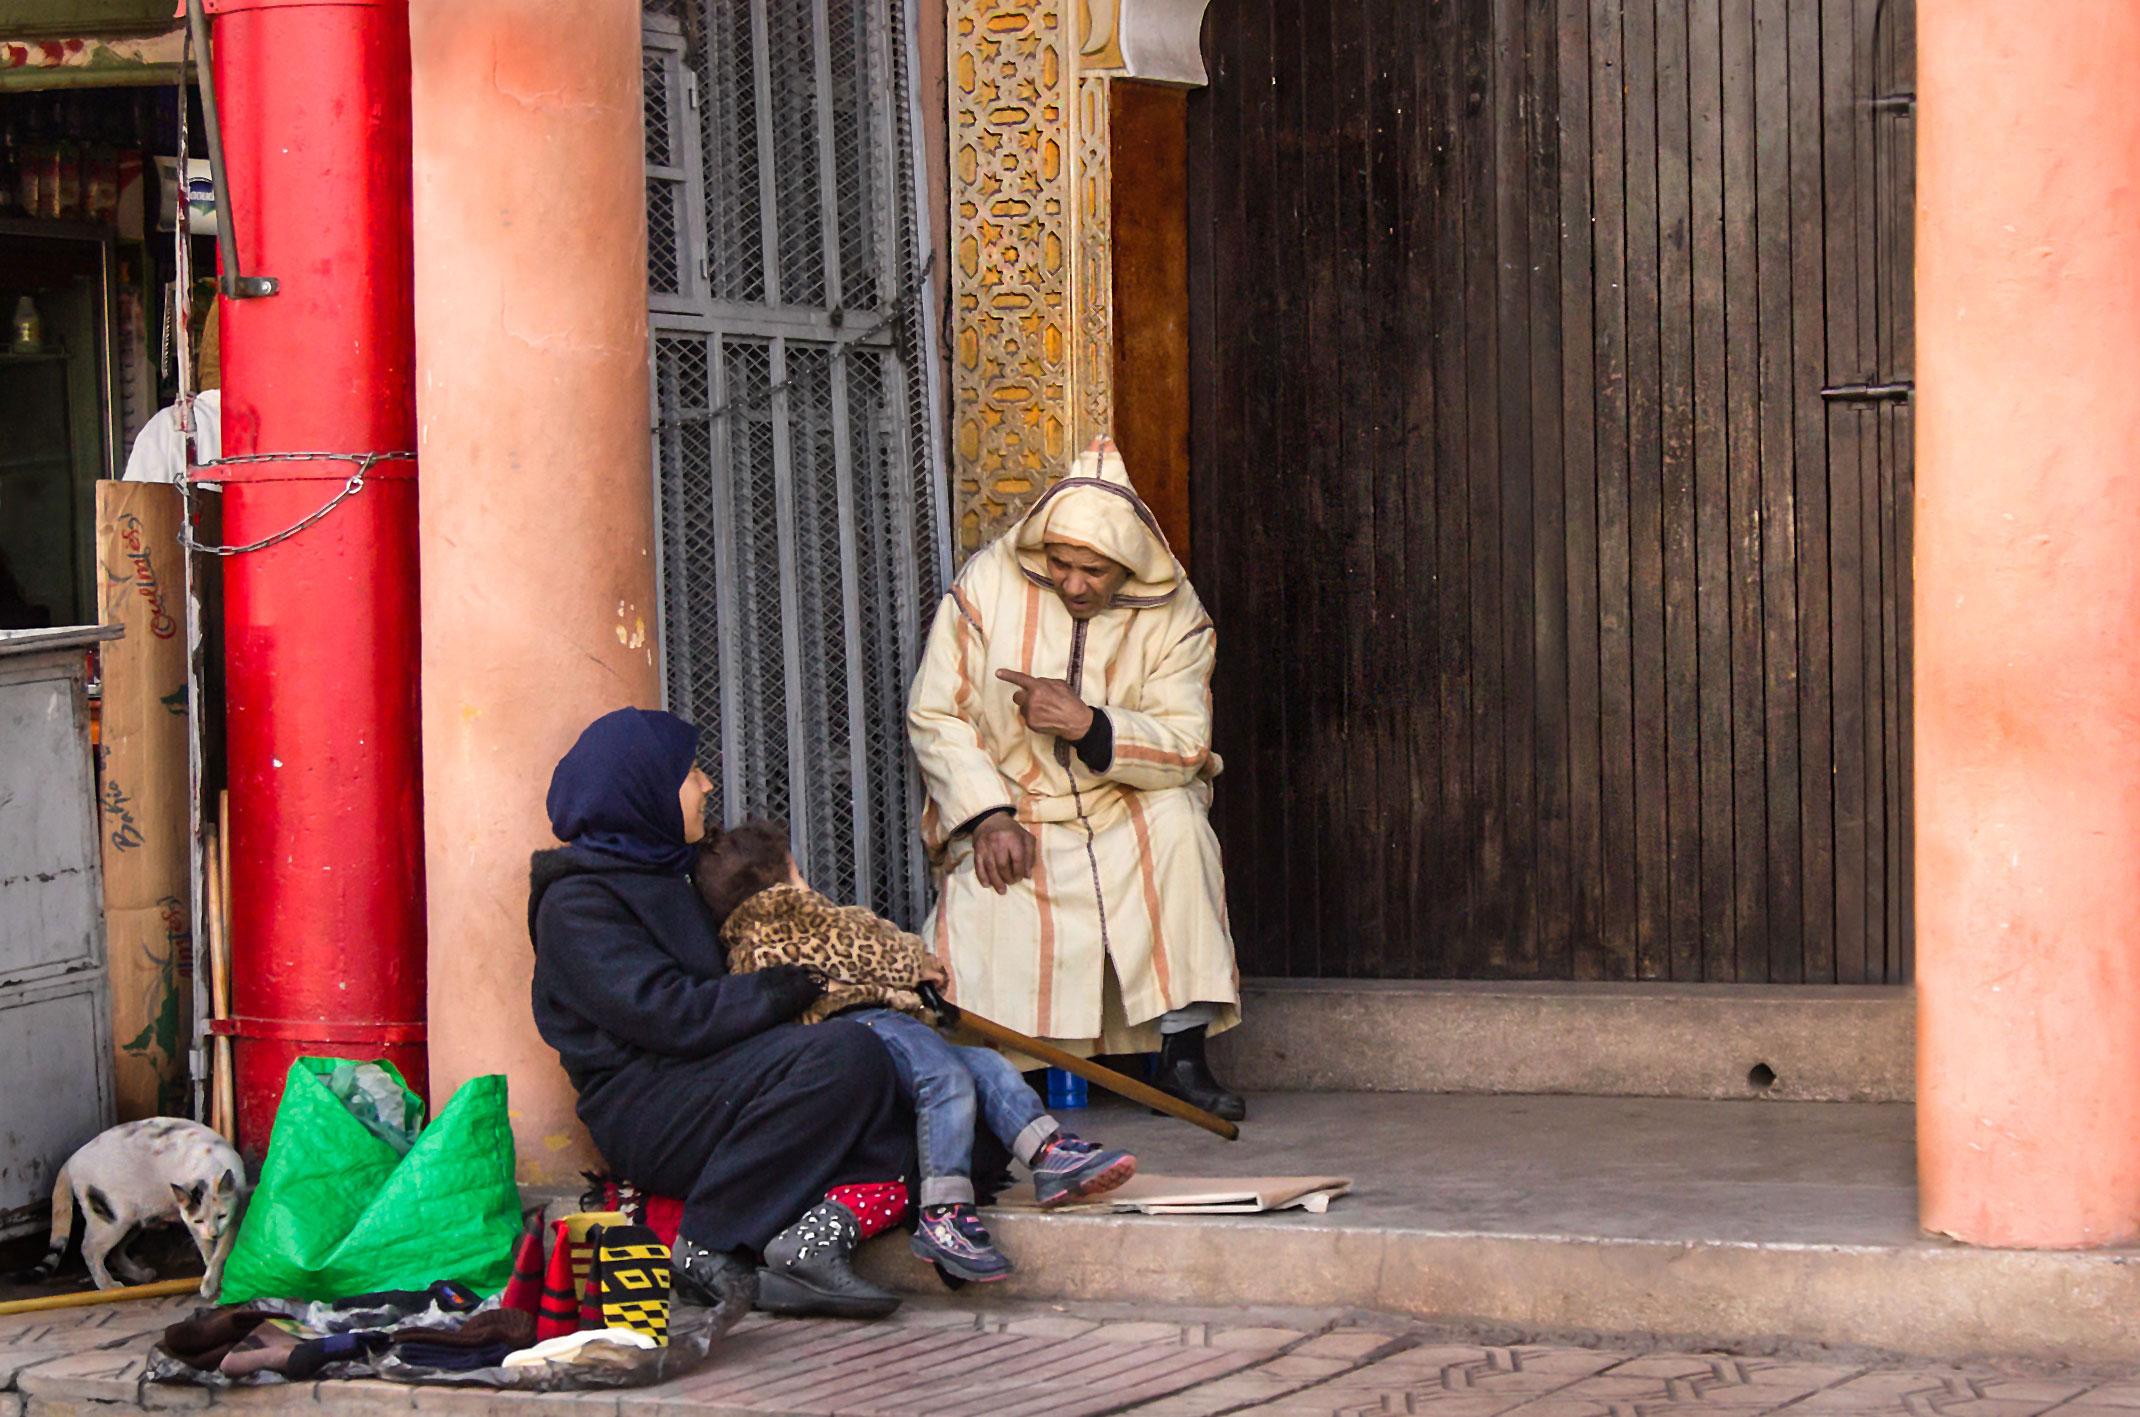 Maroko.Uliczne pogaduszki